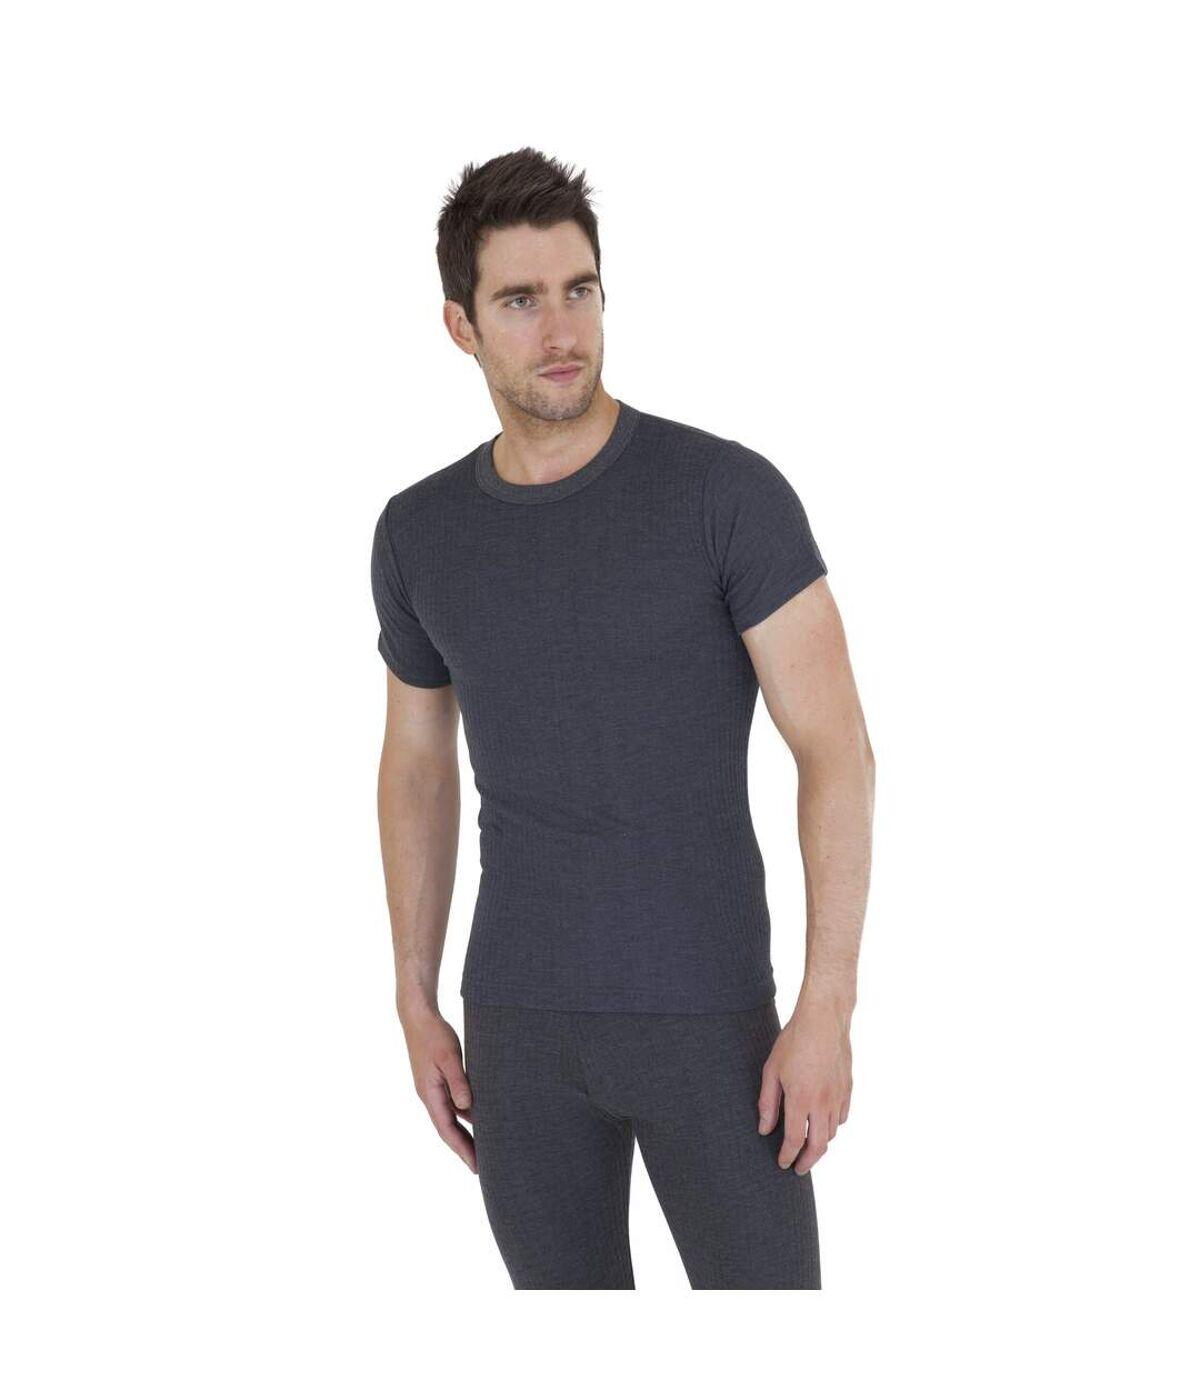 T-shirt thermique à manches courtes - Homme (Gris foncé) - UTTHERM2